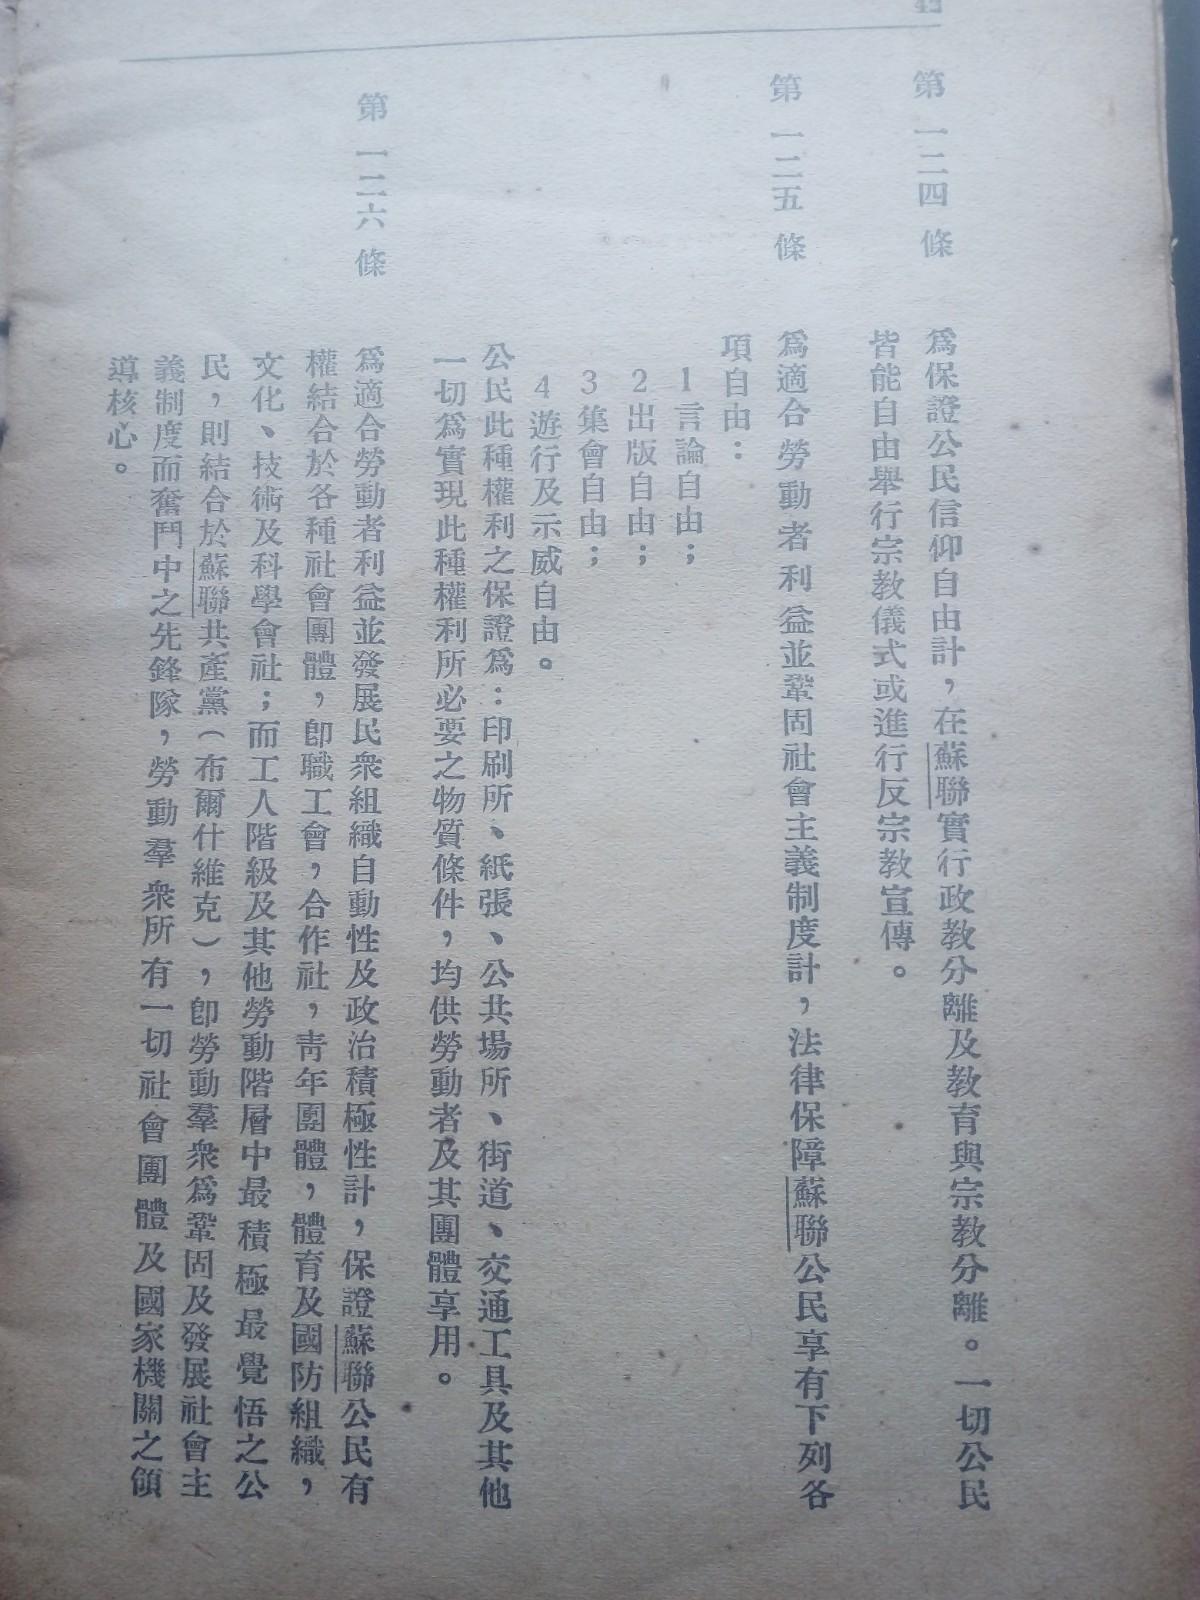 二零二零年四月十四日部分日记读《特使——与丘吉尔、斯大林周旋记》 ..._图1-4